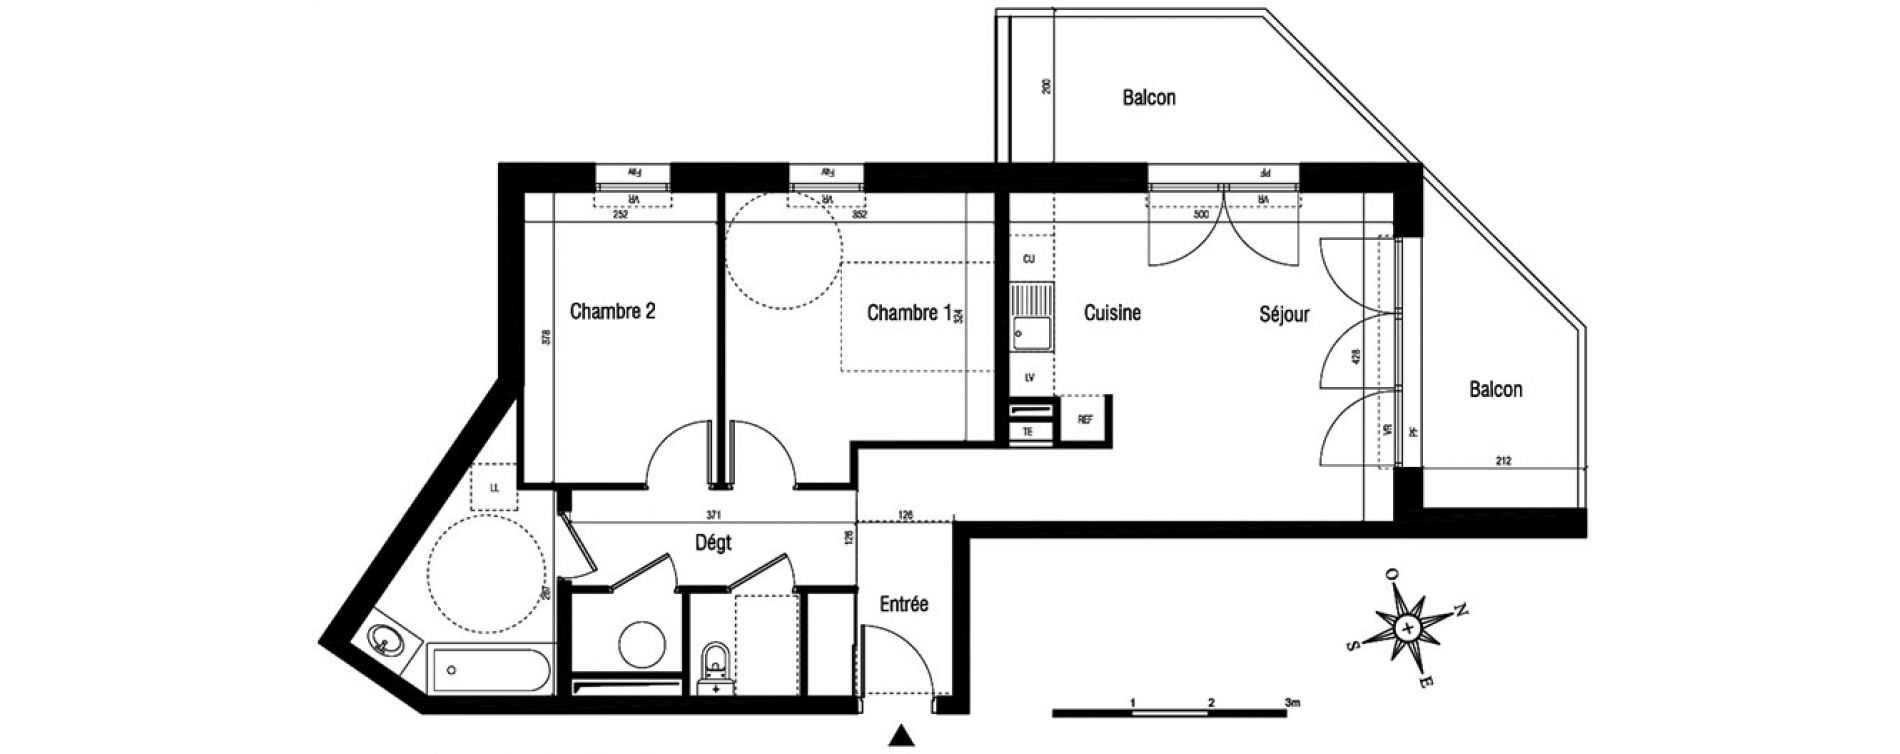 Appartement T3 de 62,50 m2 à Aigues-Mortes Centre